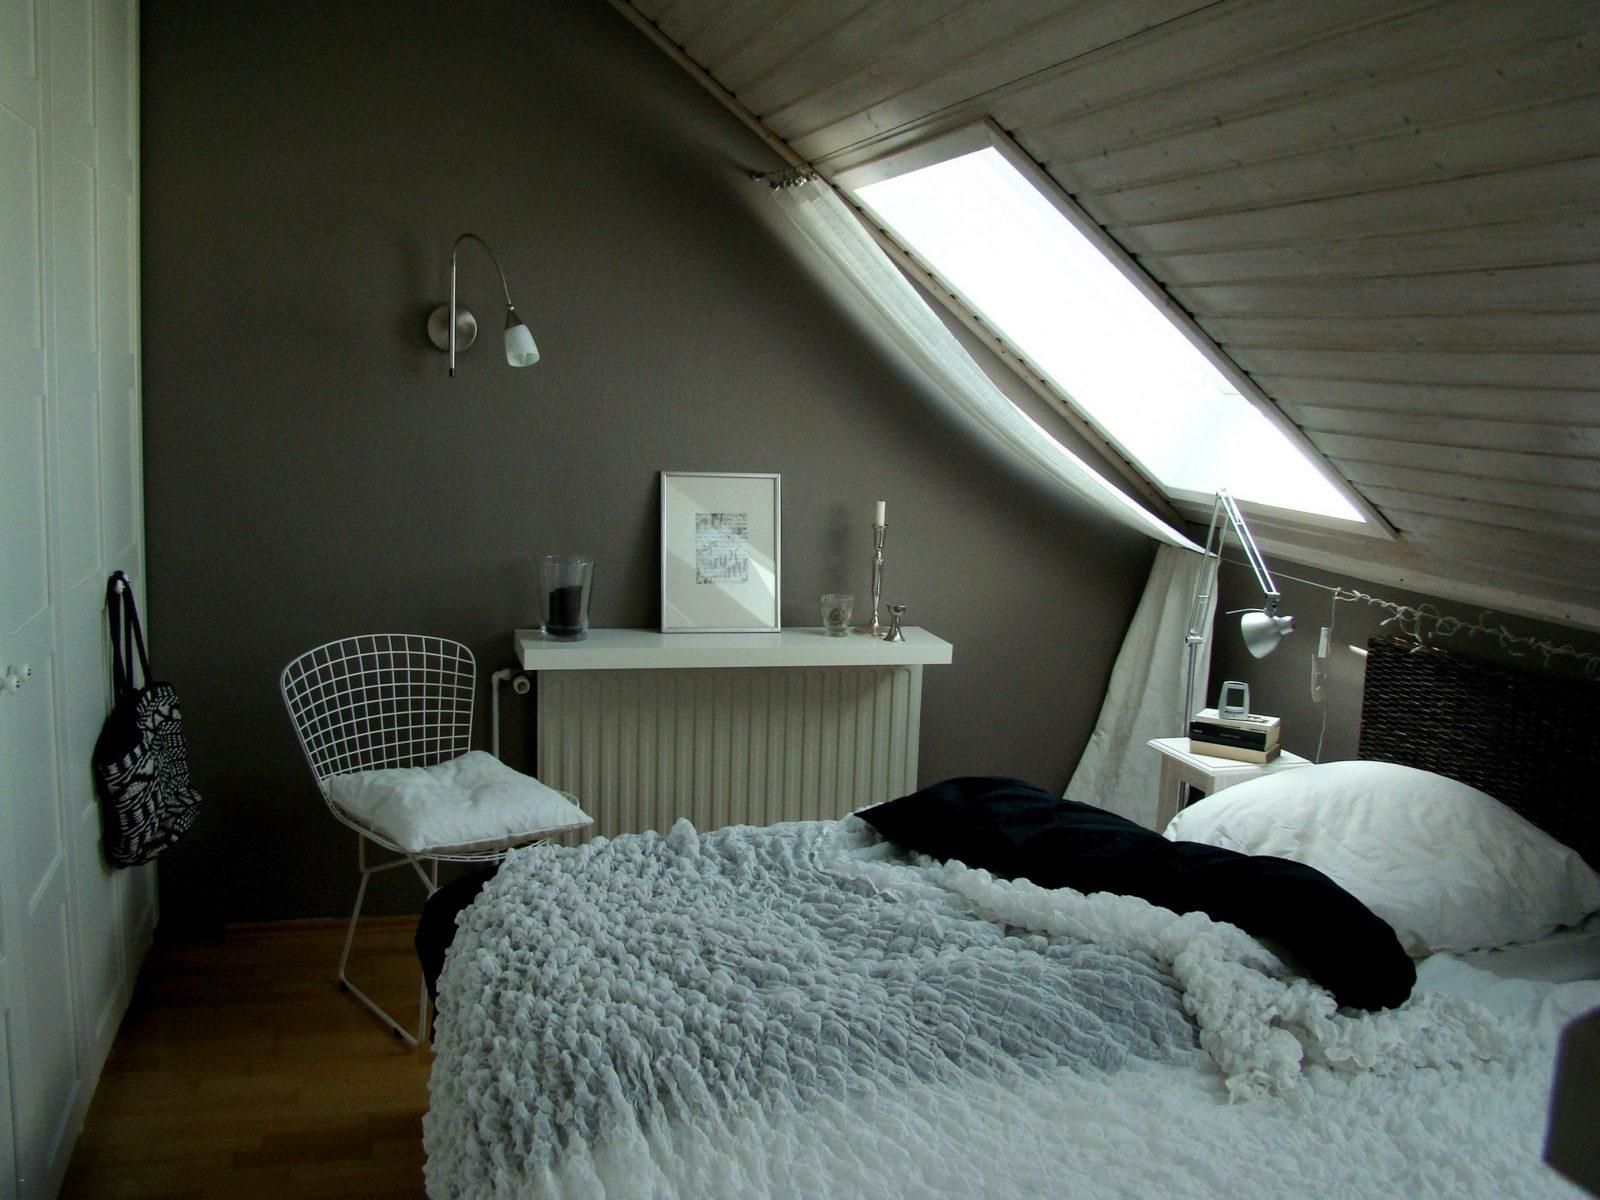 Schlafzimmer Ideen Dachschräge Genial 43 Schlafzimmer Mit Schräge ...